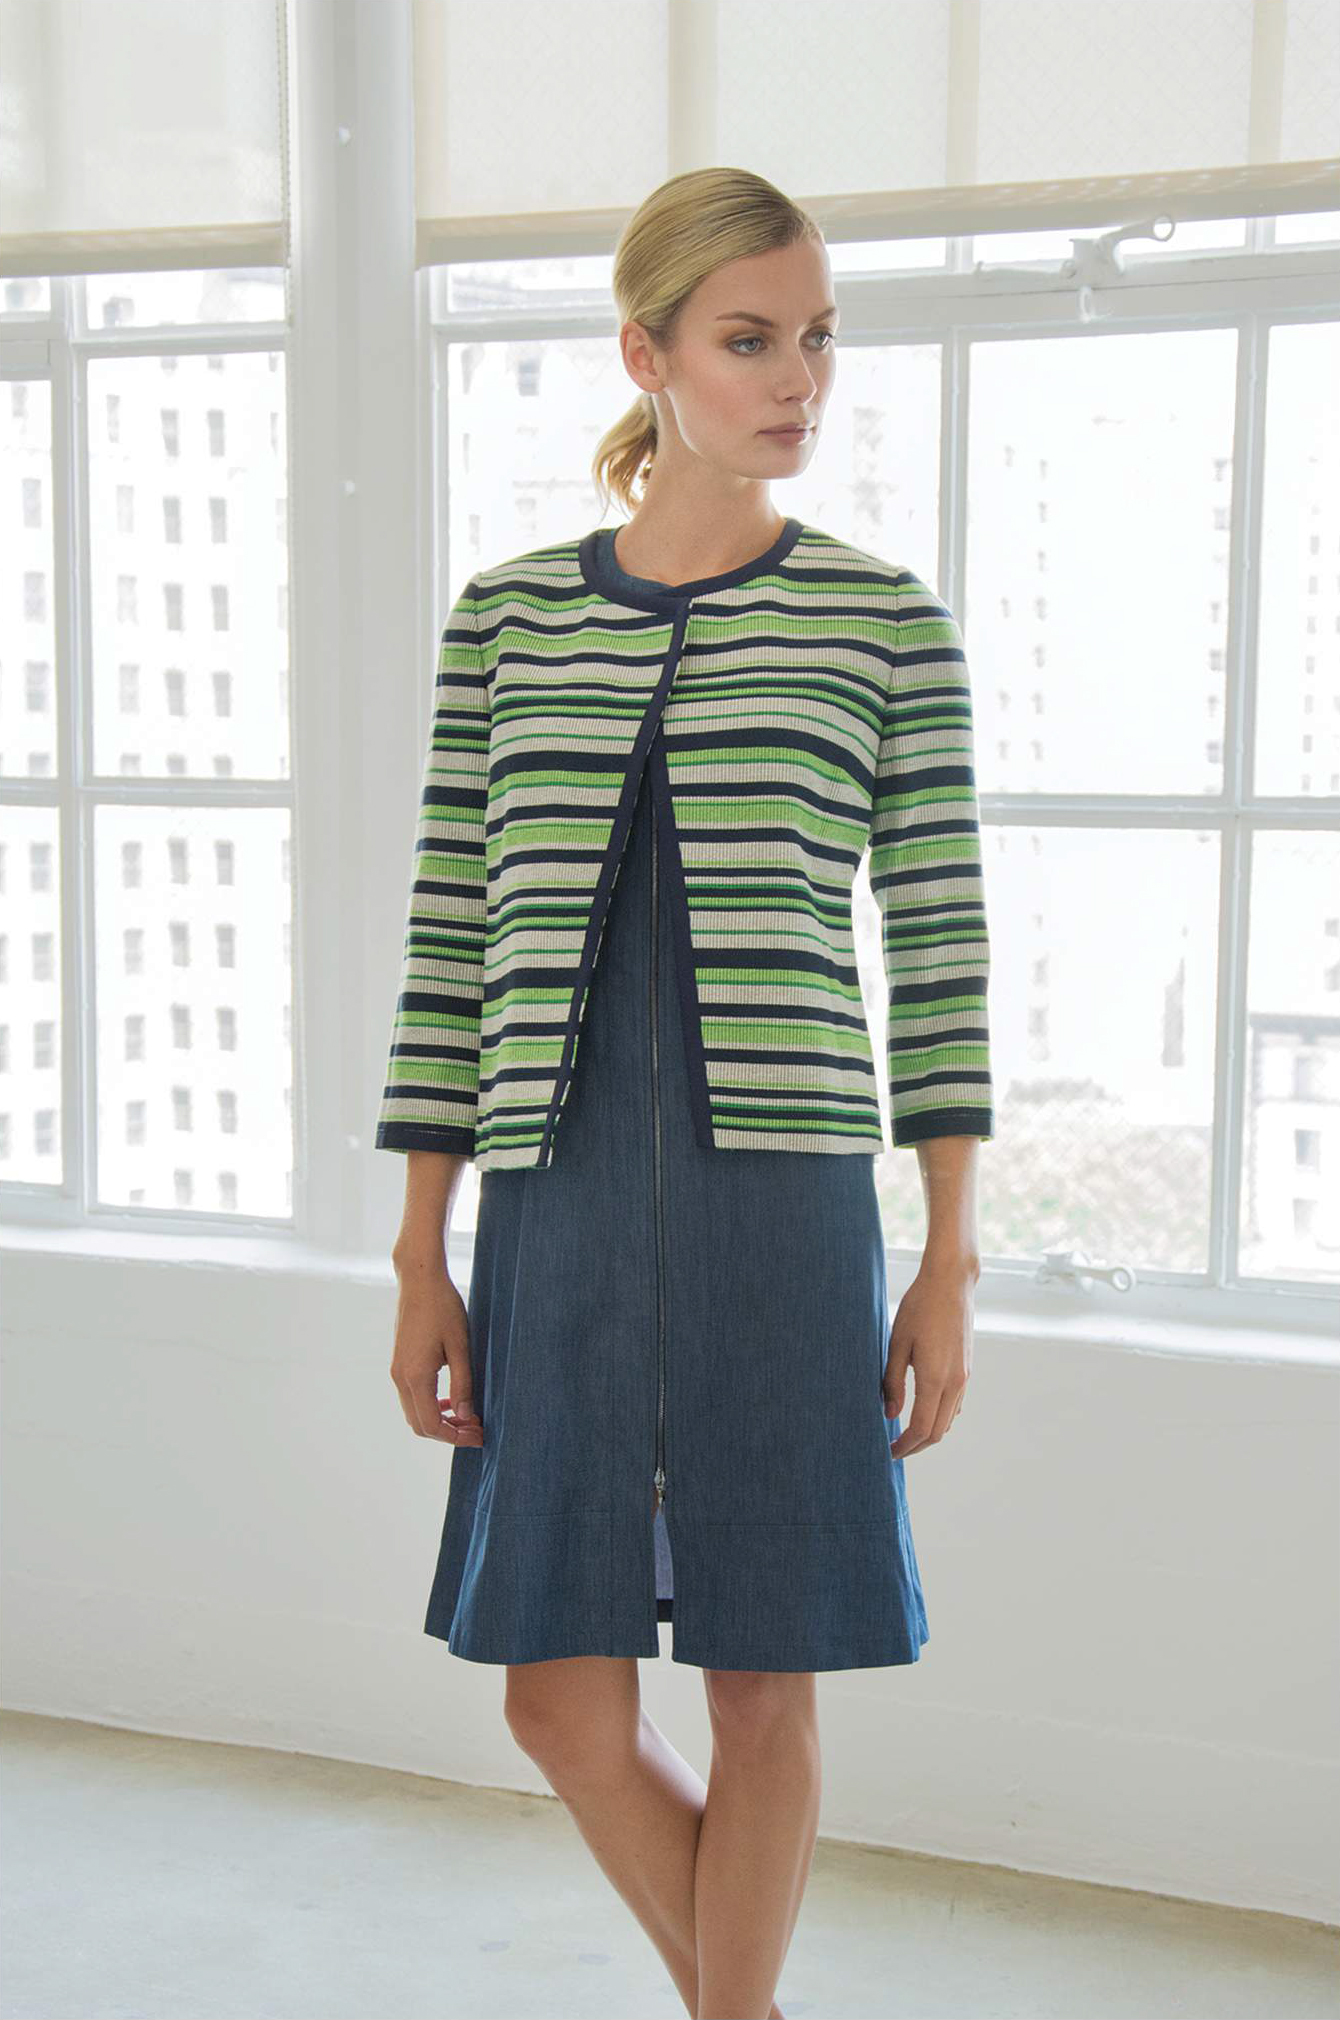 Jacket: Maxim 2, Dress: Angela - SANTORELLI